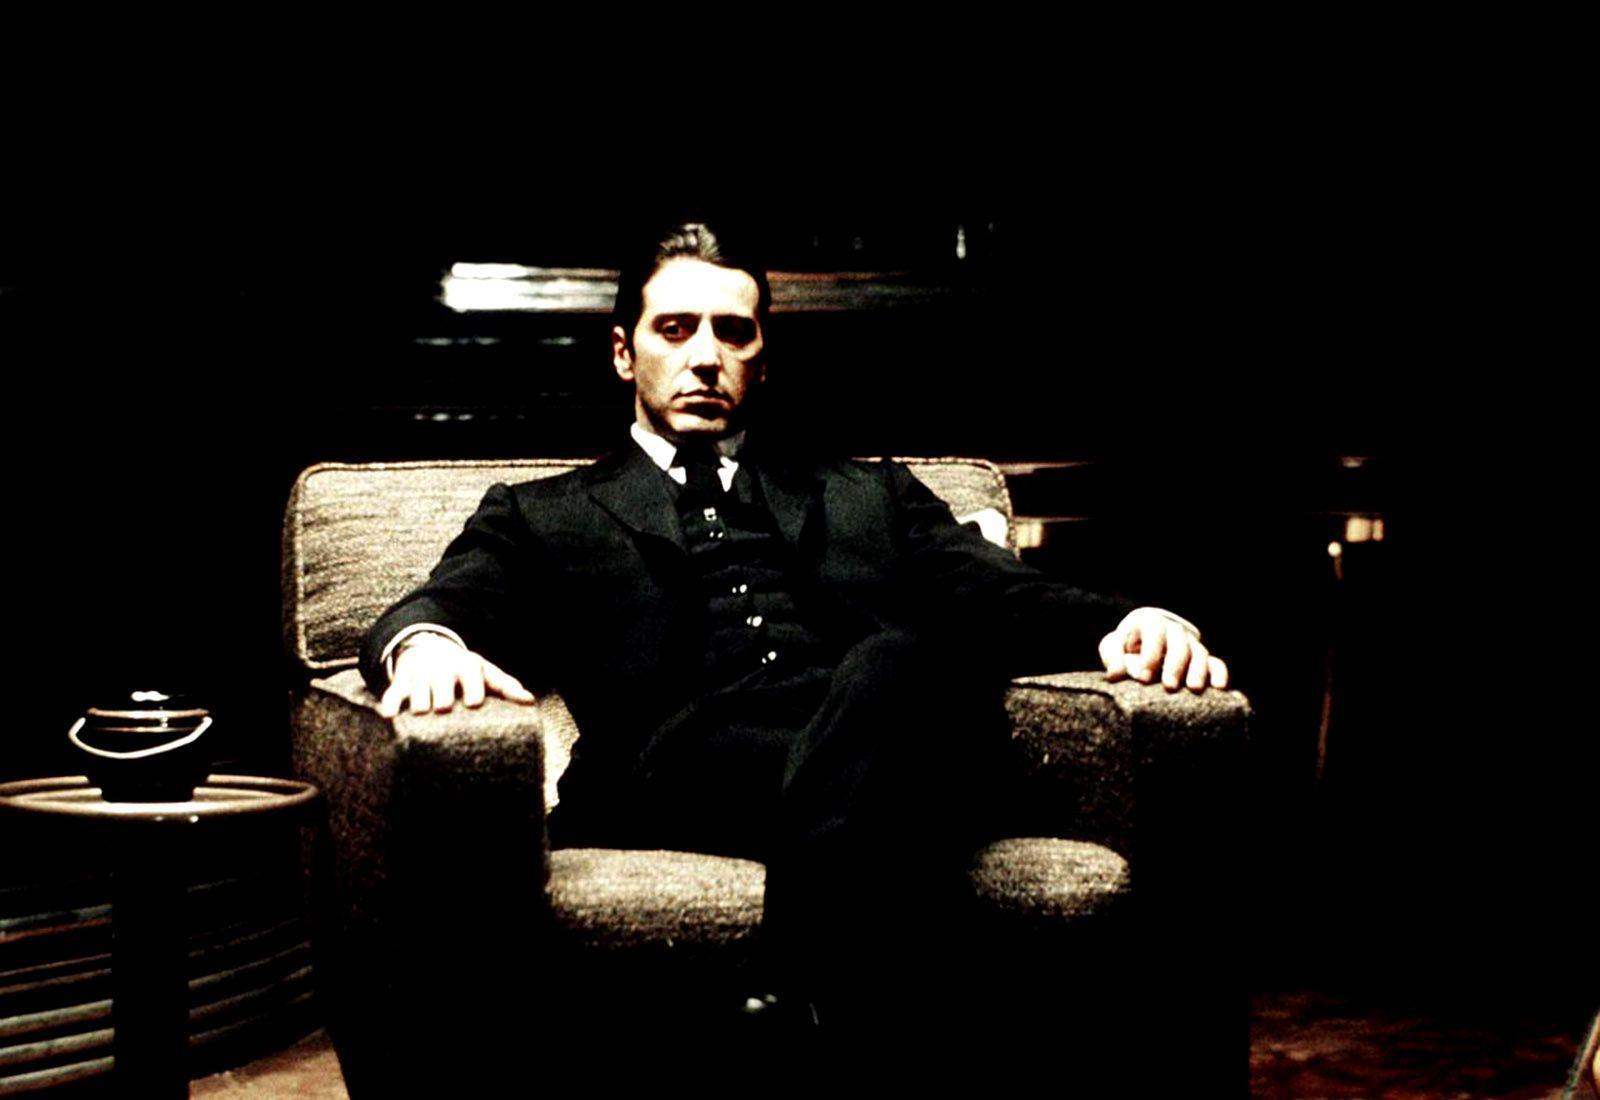 Michael Corleone Wallp...